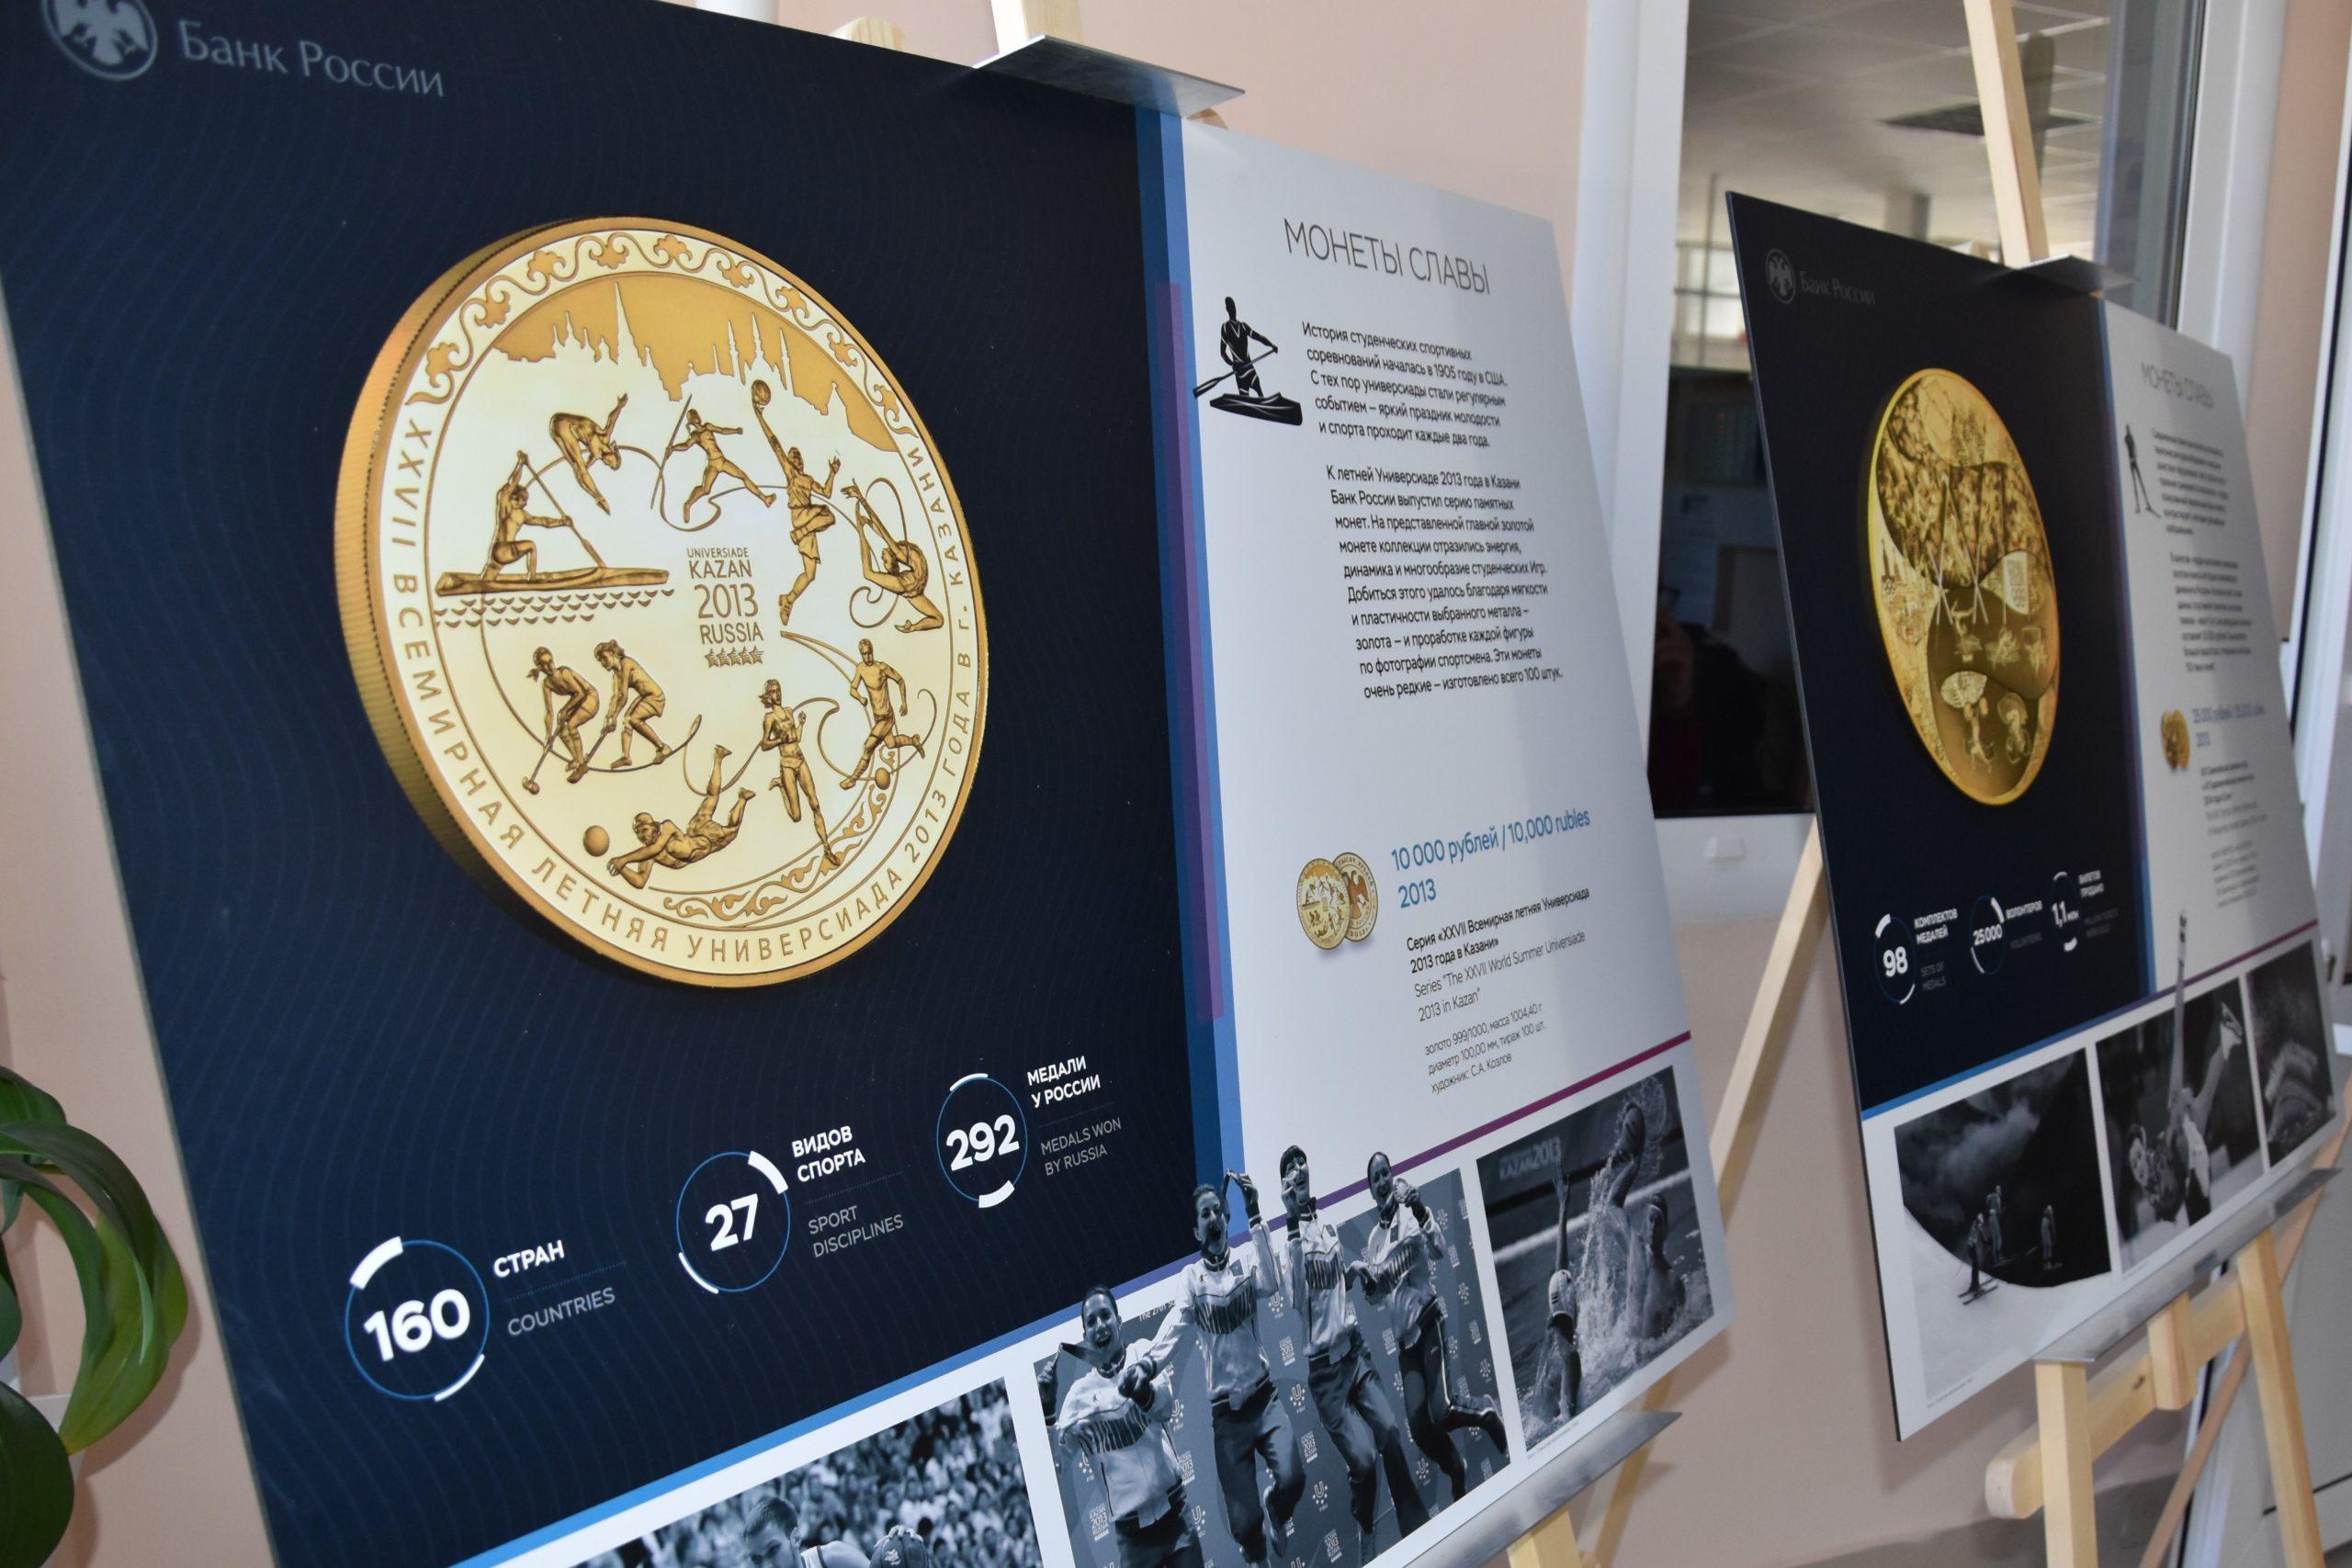 Выставка Монеты славы проходит на ледовой арене в Биробиджане